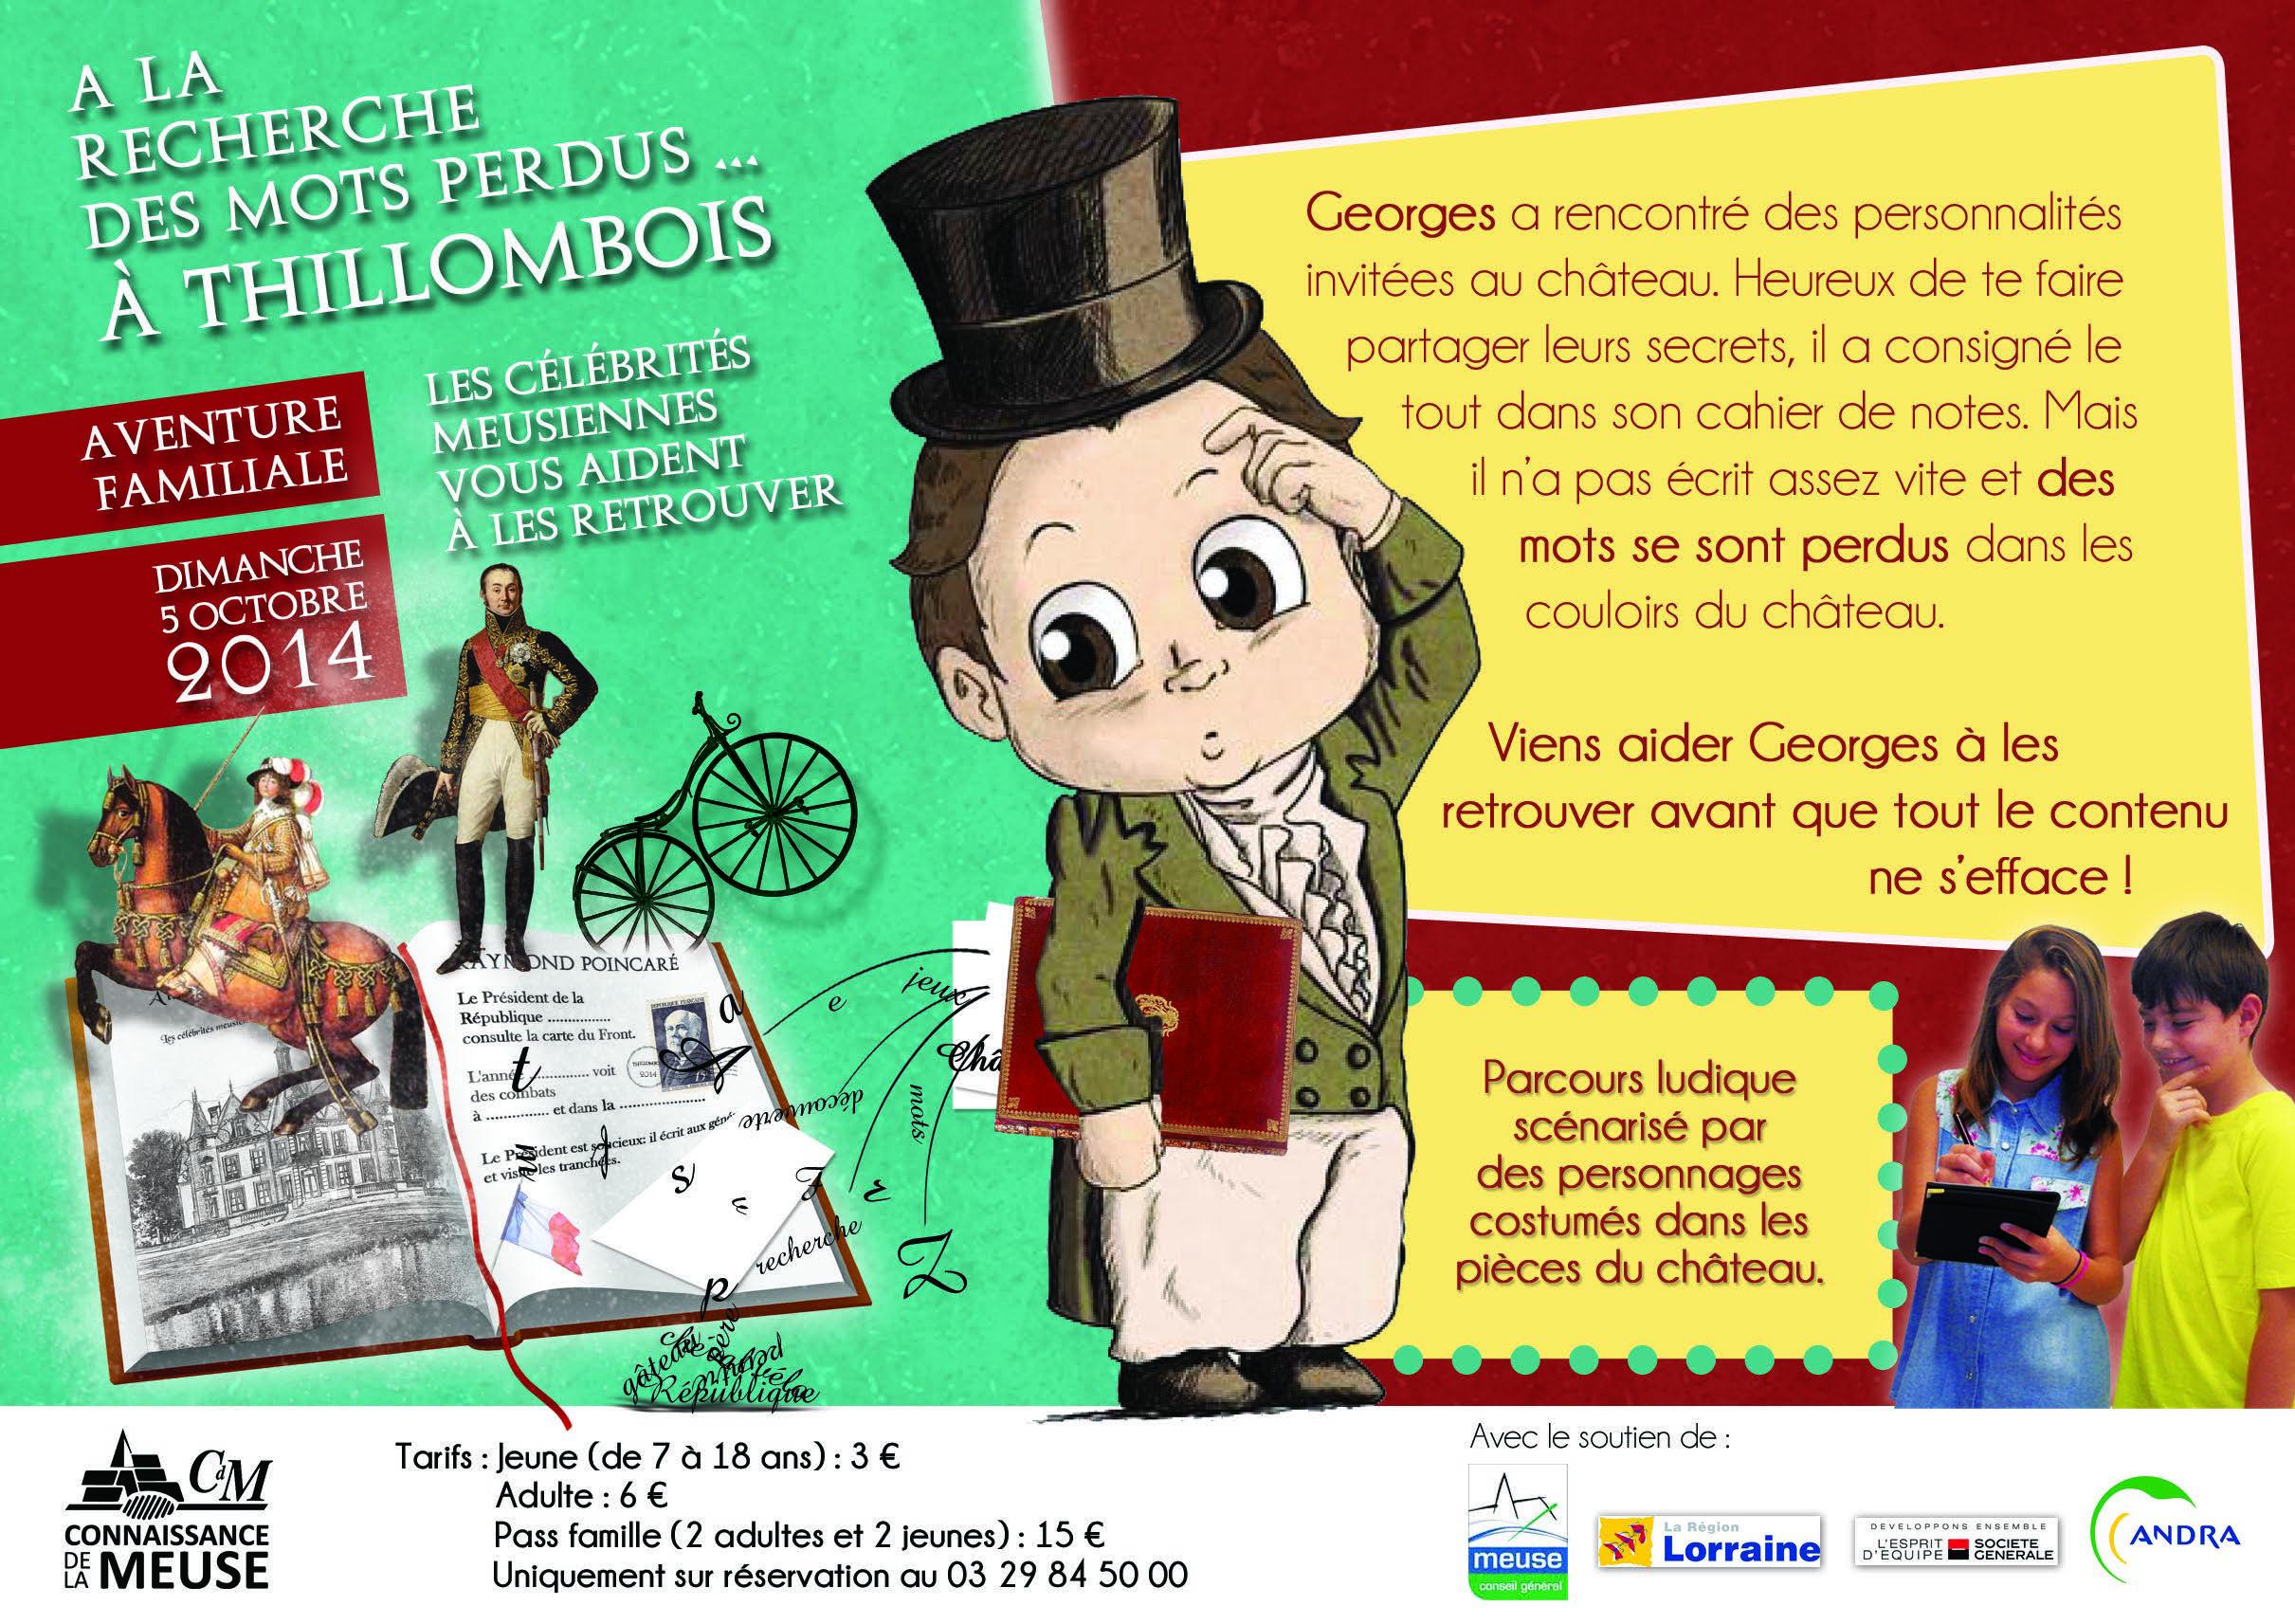 Succès pour le parcours ludique au château de Thillombois, dimanche 5 octobre 2014